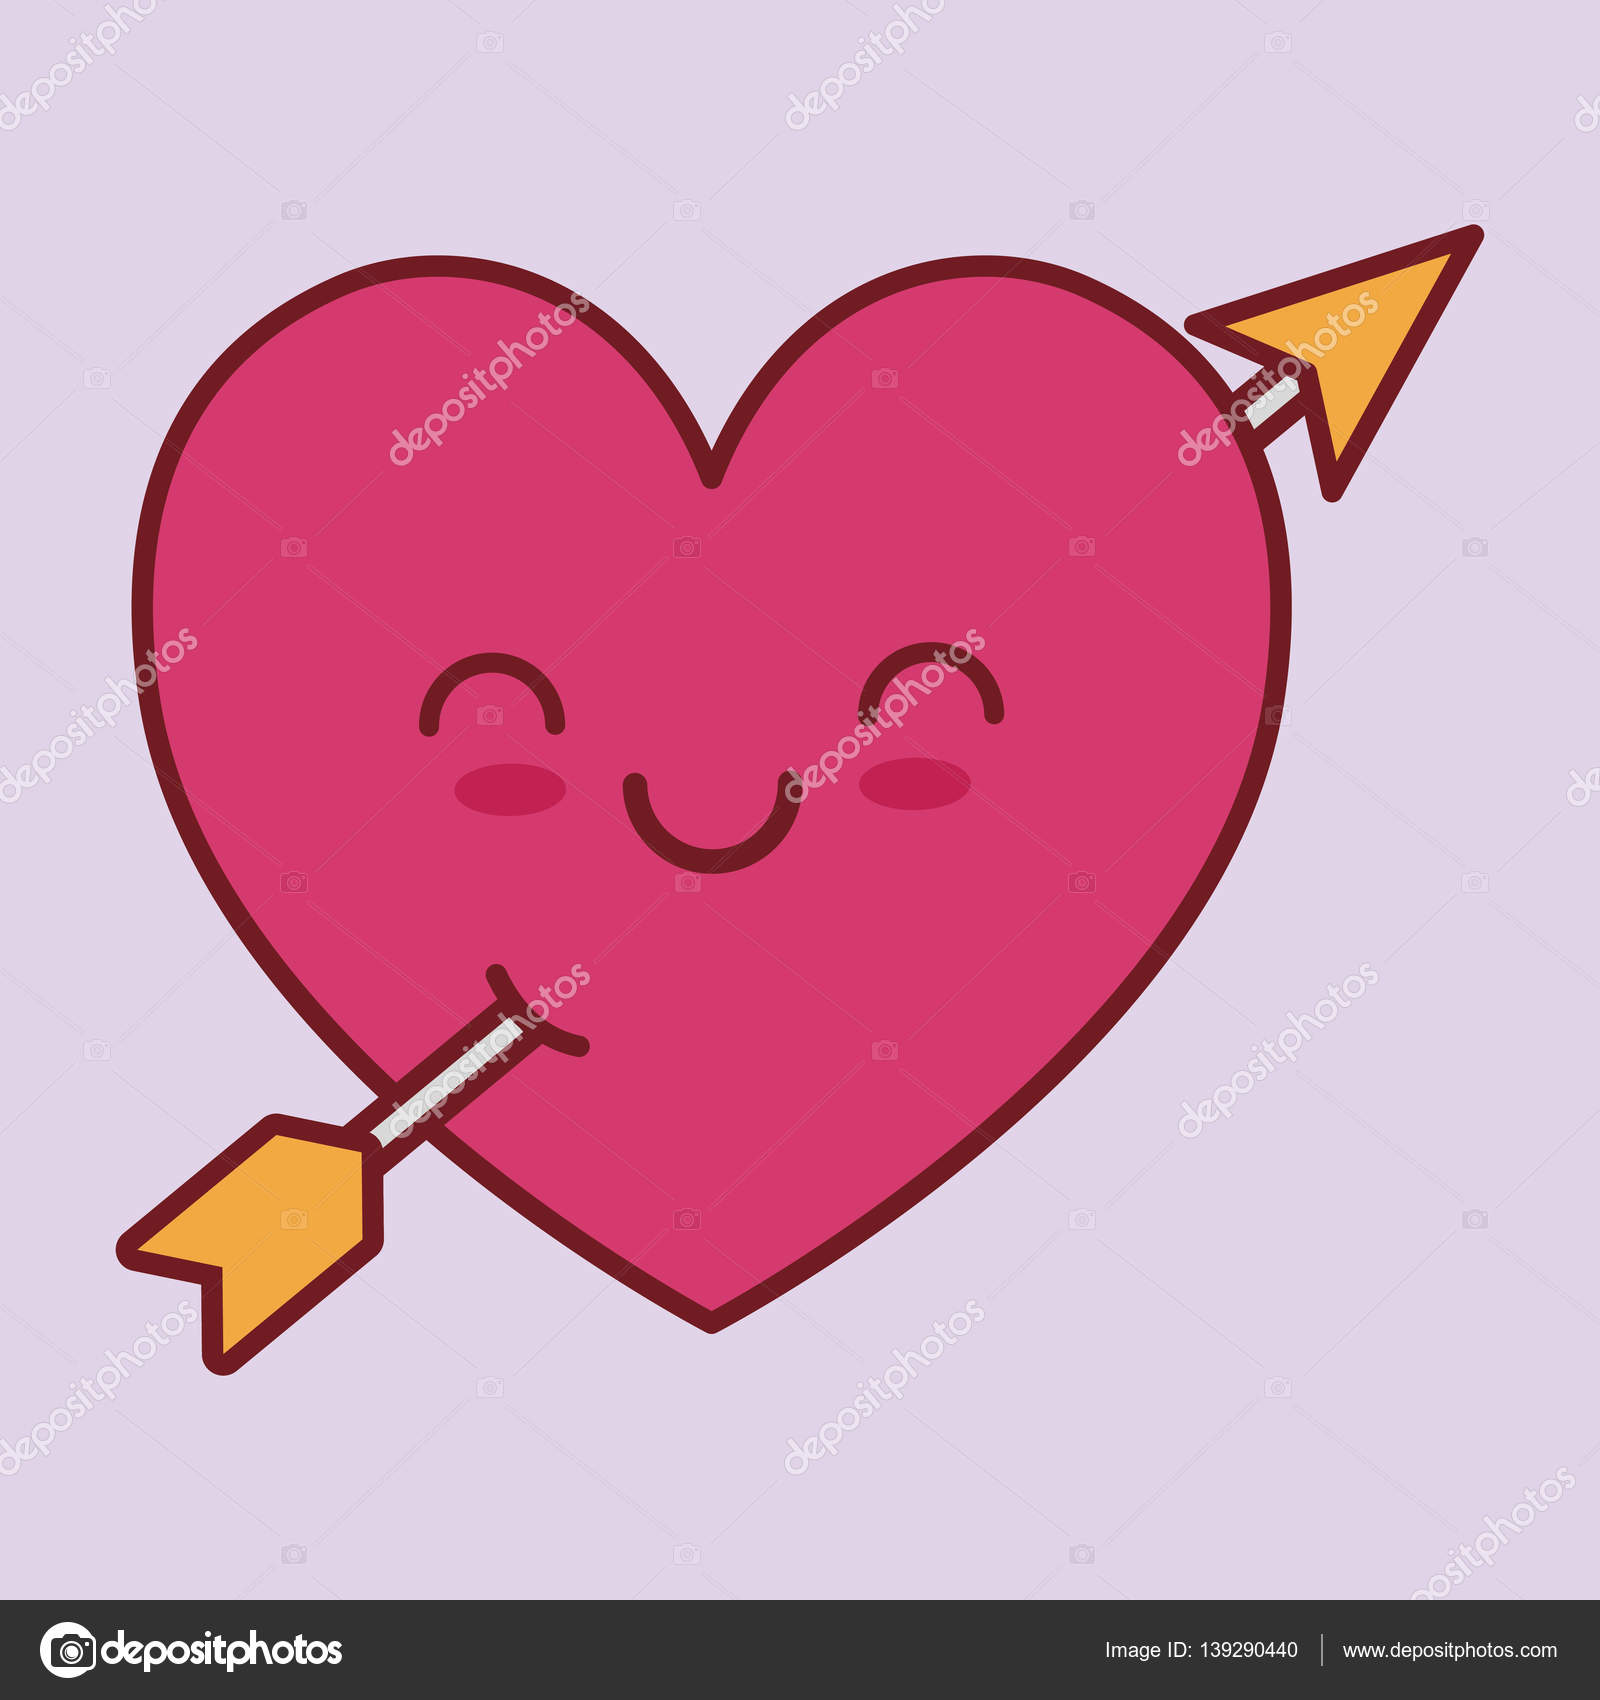 Giorno di San Valentino cuore fumetto correlati kawaii stile icona immagine  illustrazione disegno vettoriale \u2014 Vettoriali di